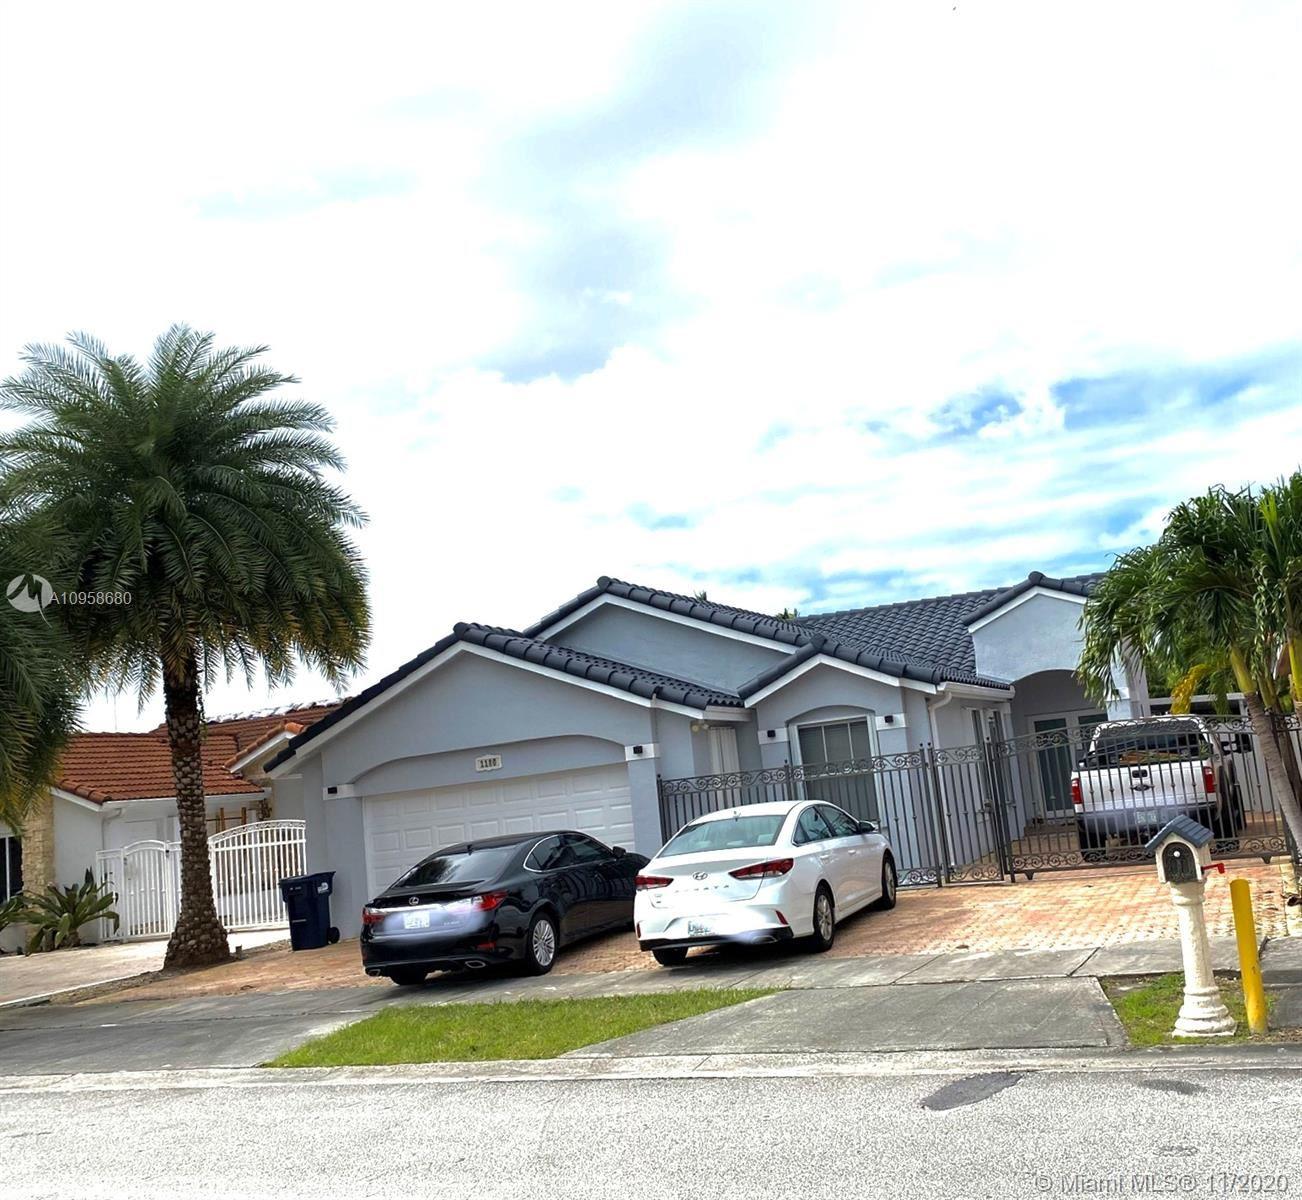 1180 NW 134th Ave, Miami, FL 33182 - #: A10958680